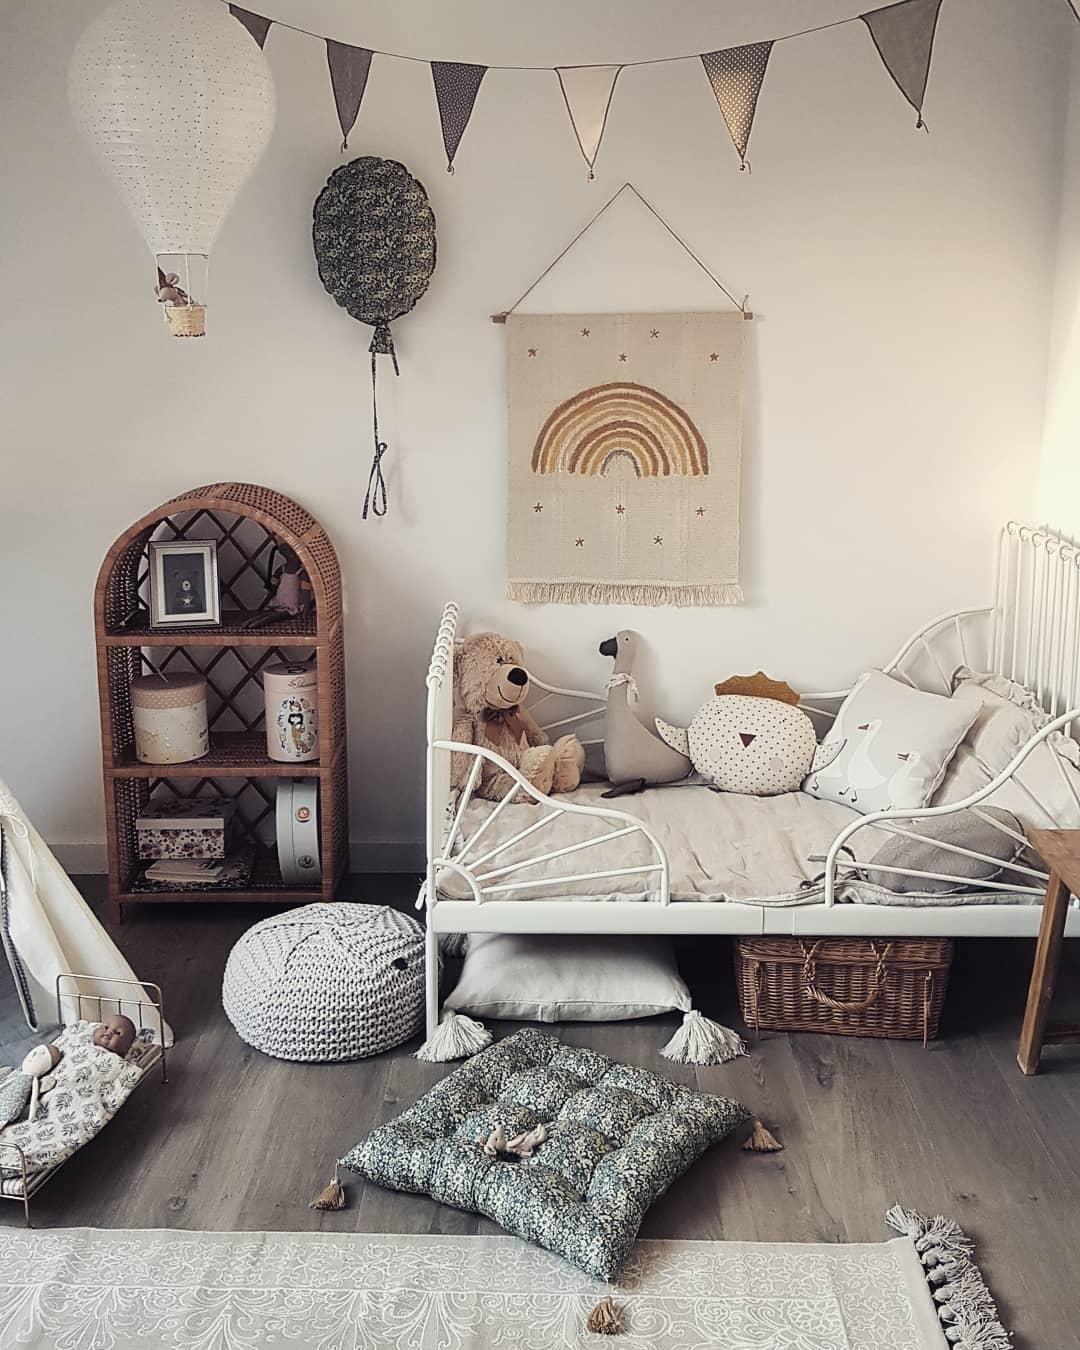 vintage-aesthetic-room-ideas-lilu-len